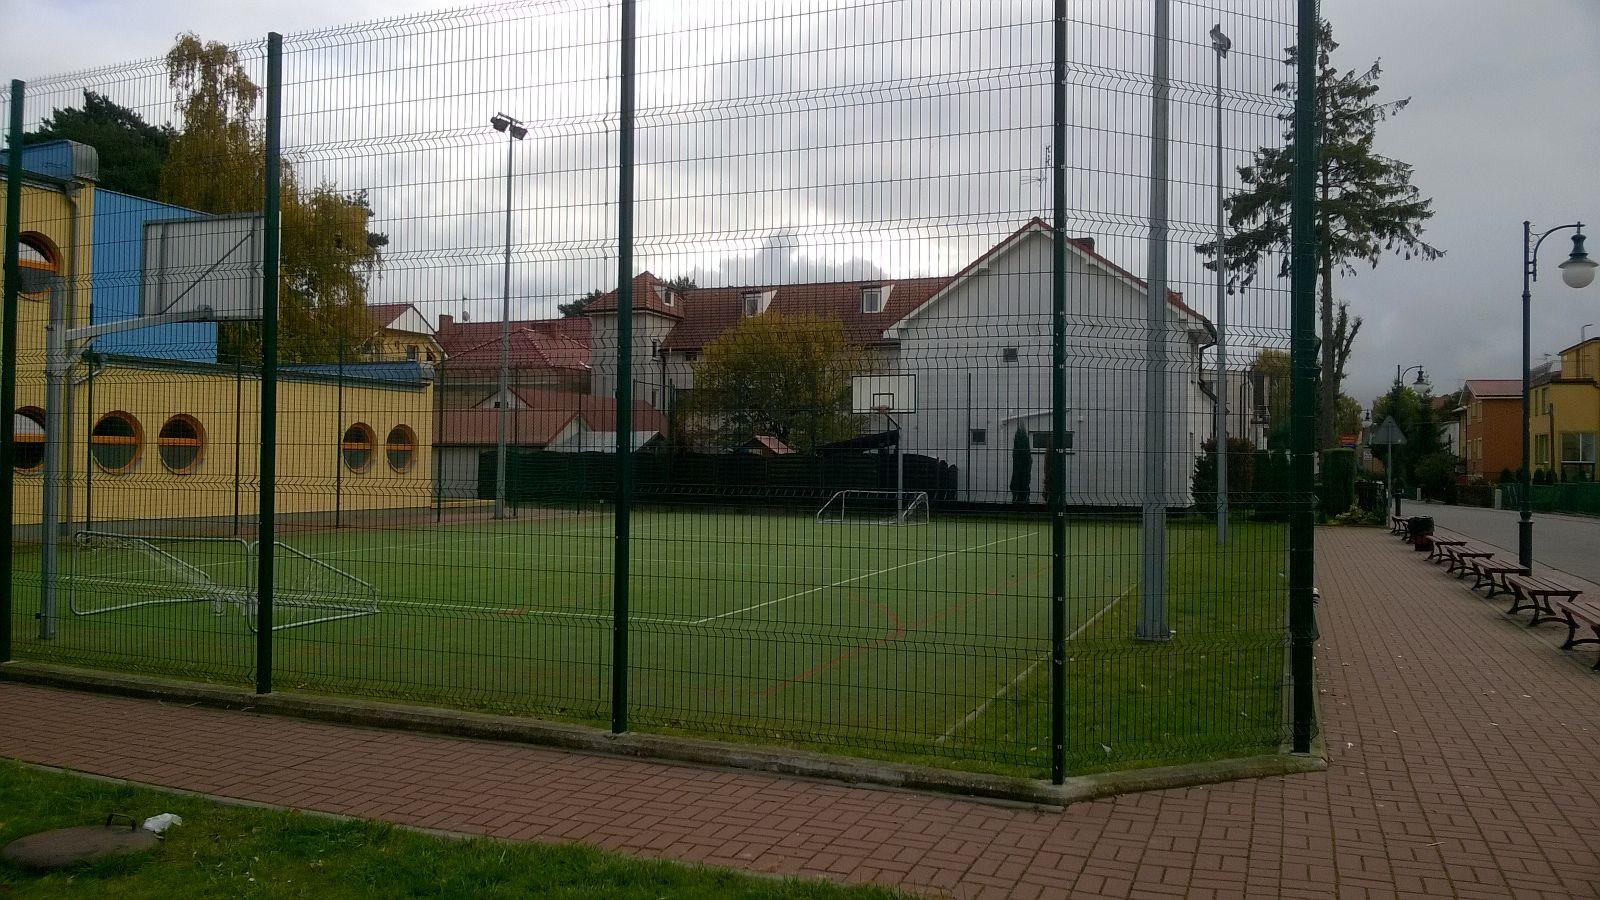 kleiner Sportplatz